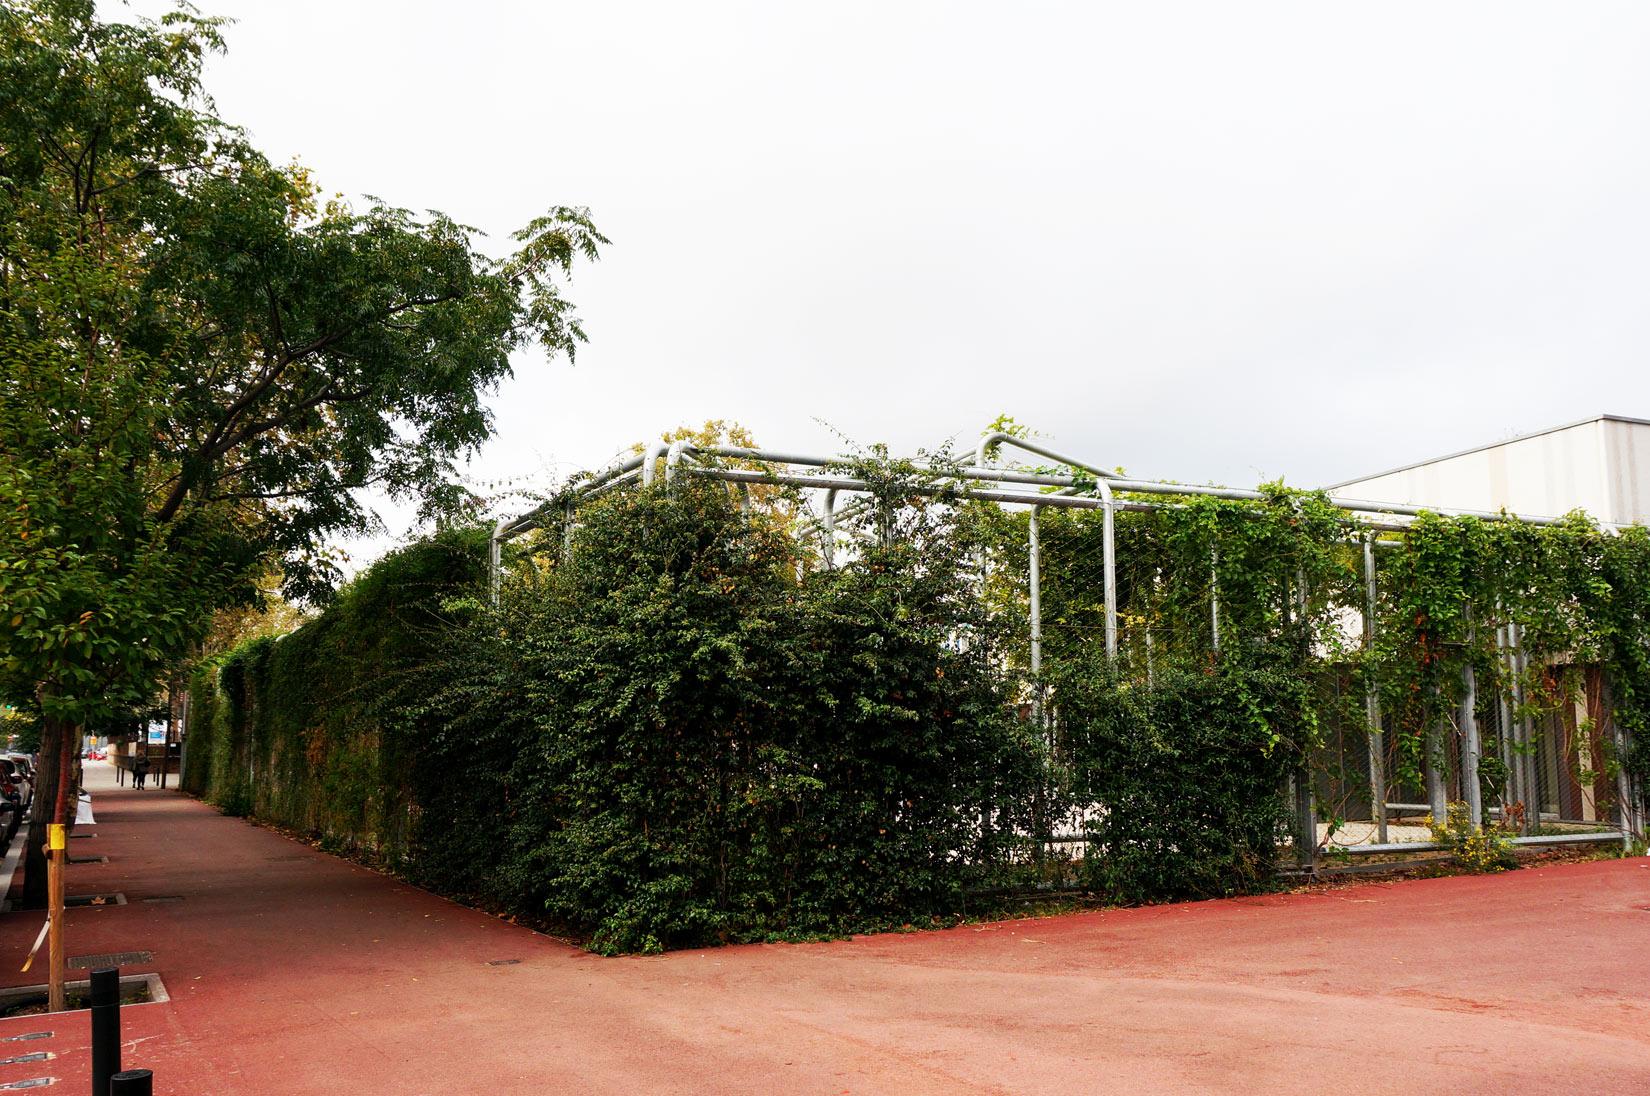 Centro cívico Baró de Viver - Territori 24